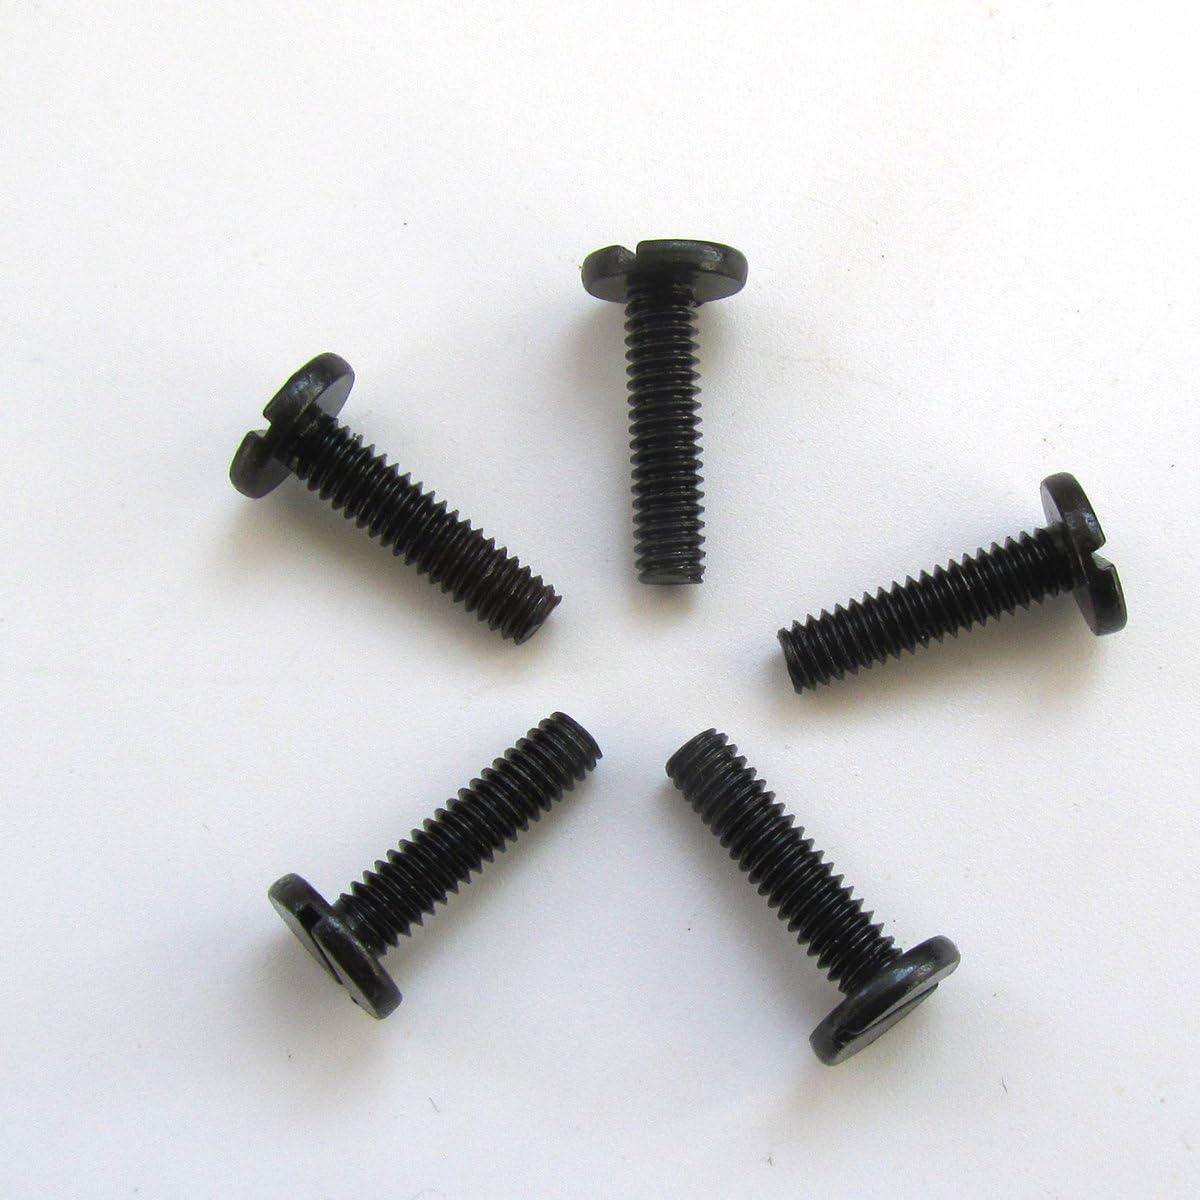 KUNPENG - 5piezas # 504099 Tornillo de soporte de la biela para SINGER 20U, 11, 12,13,42, 43,51,53,62,63